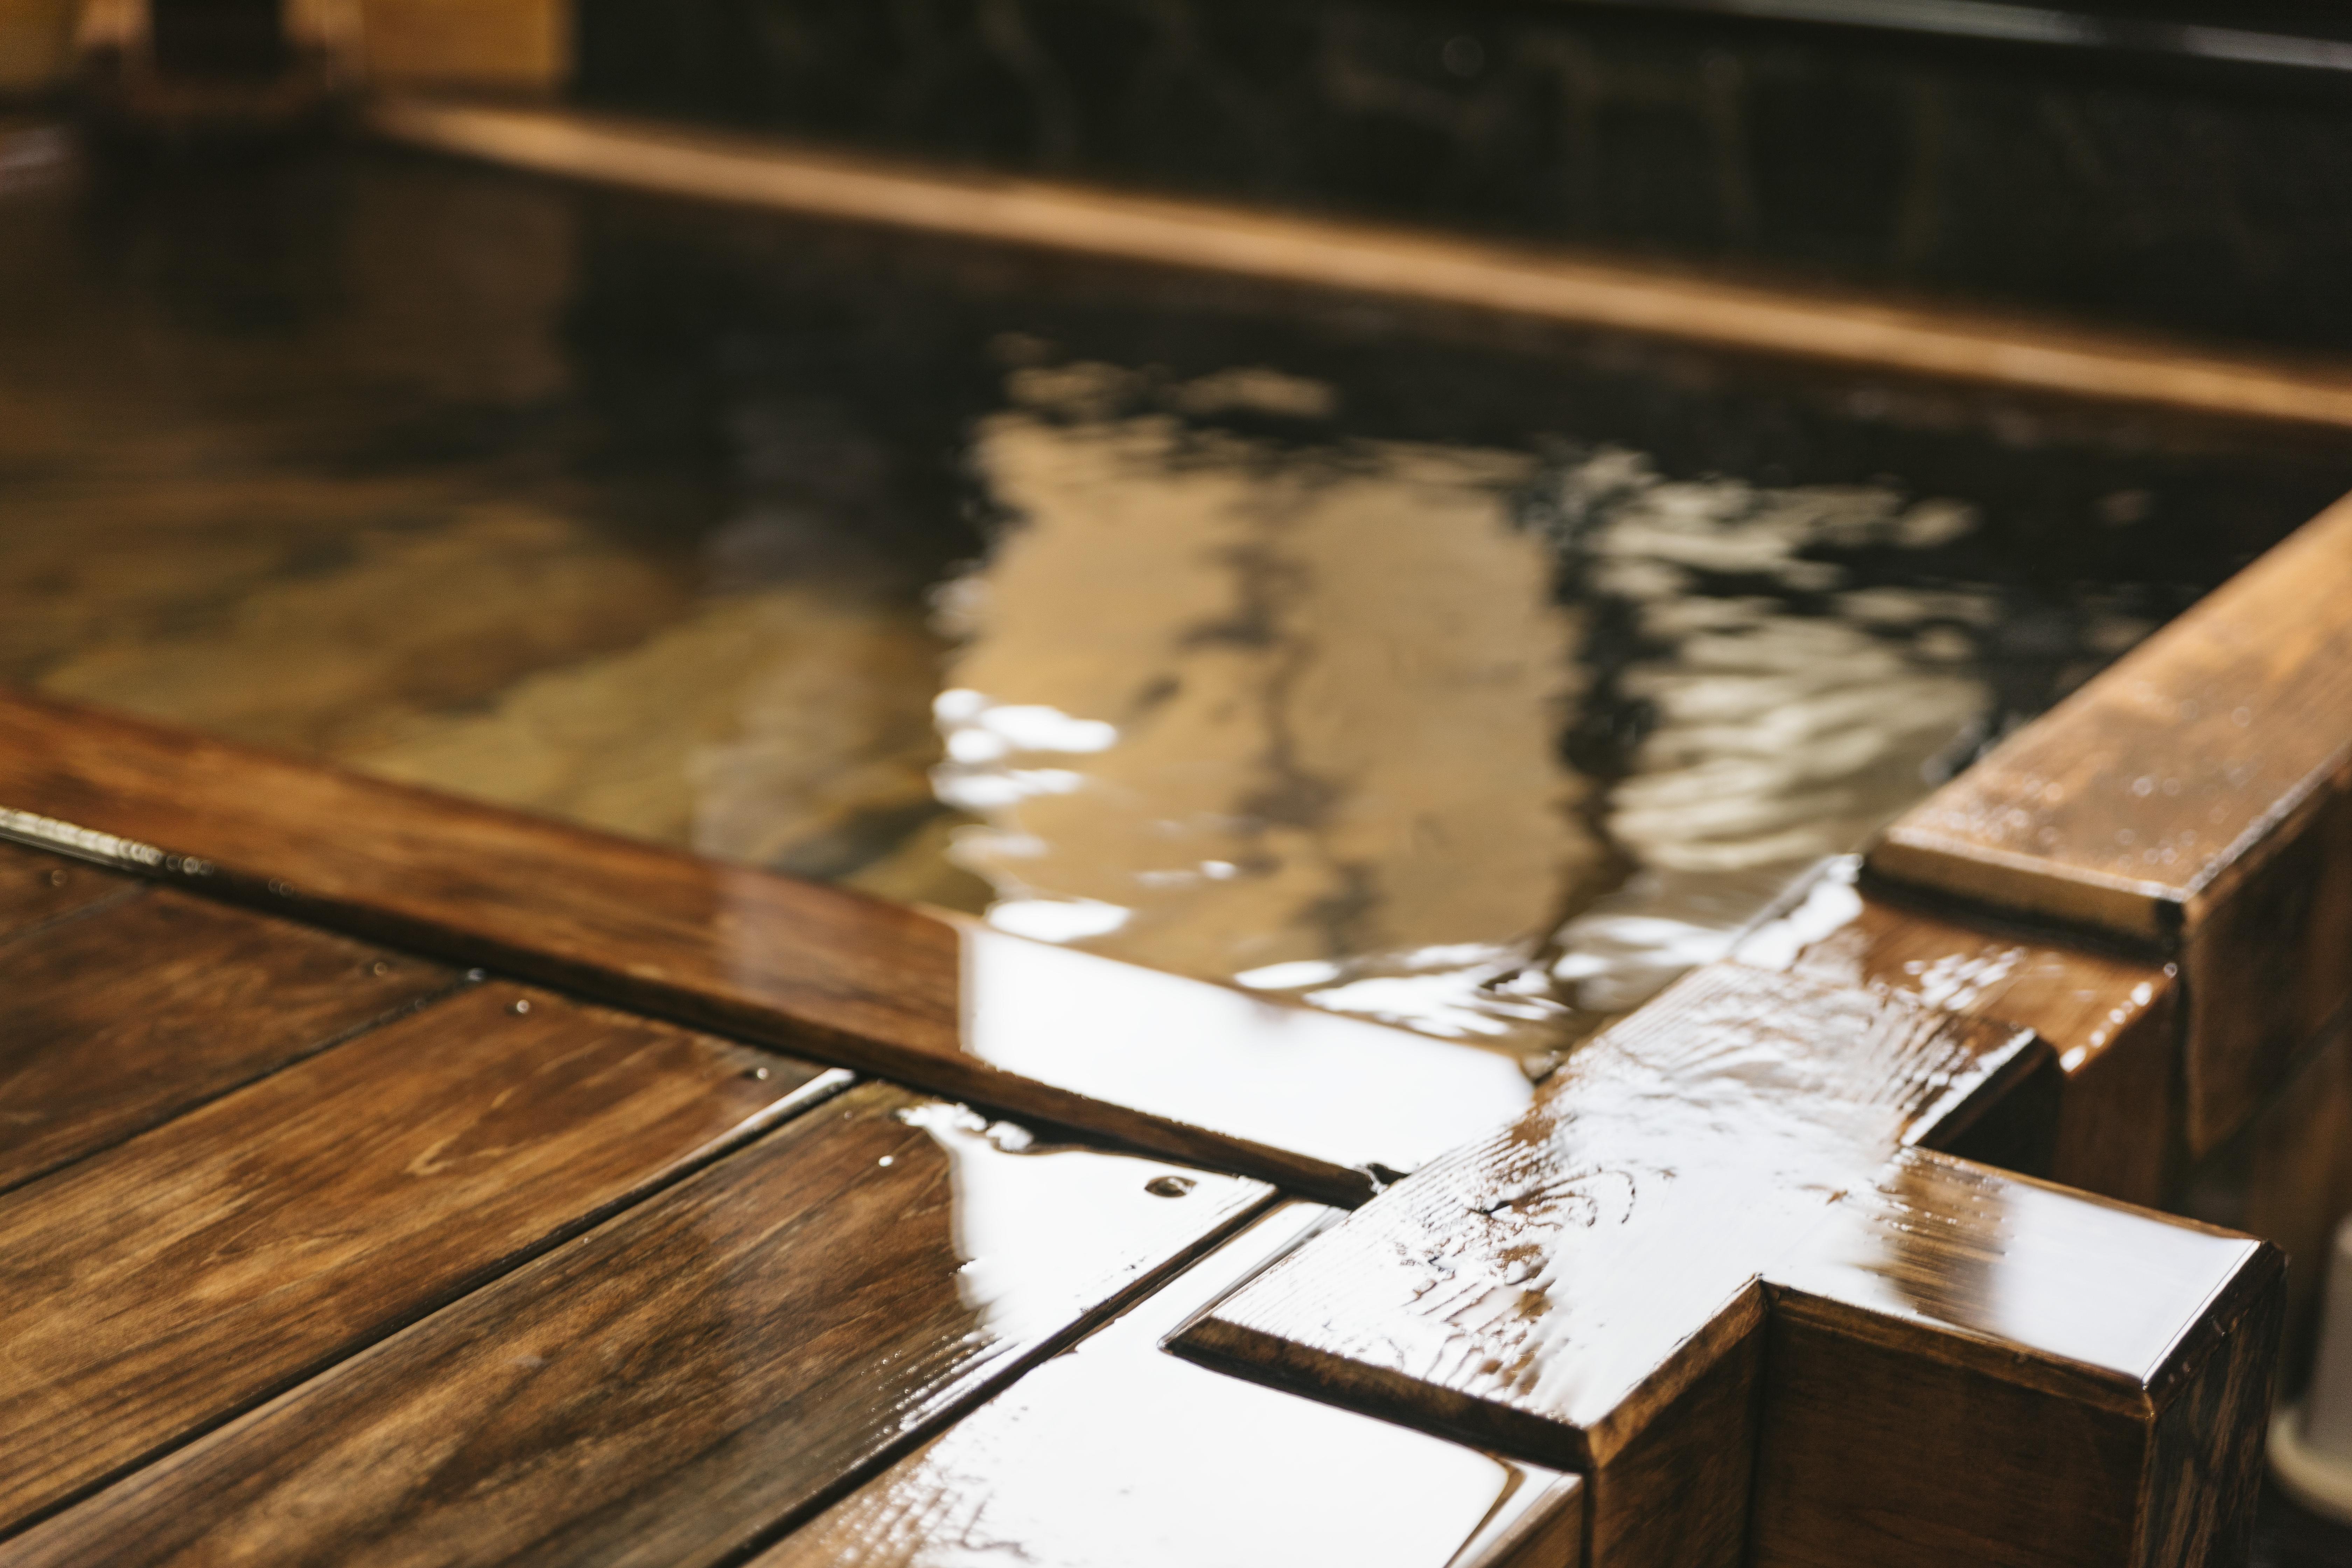 道央の家族風呂・貸切風呂を楽しめる日帰り温泉施設一覧